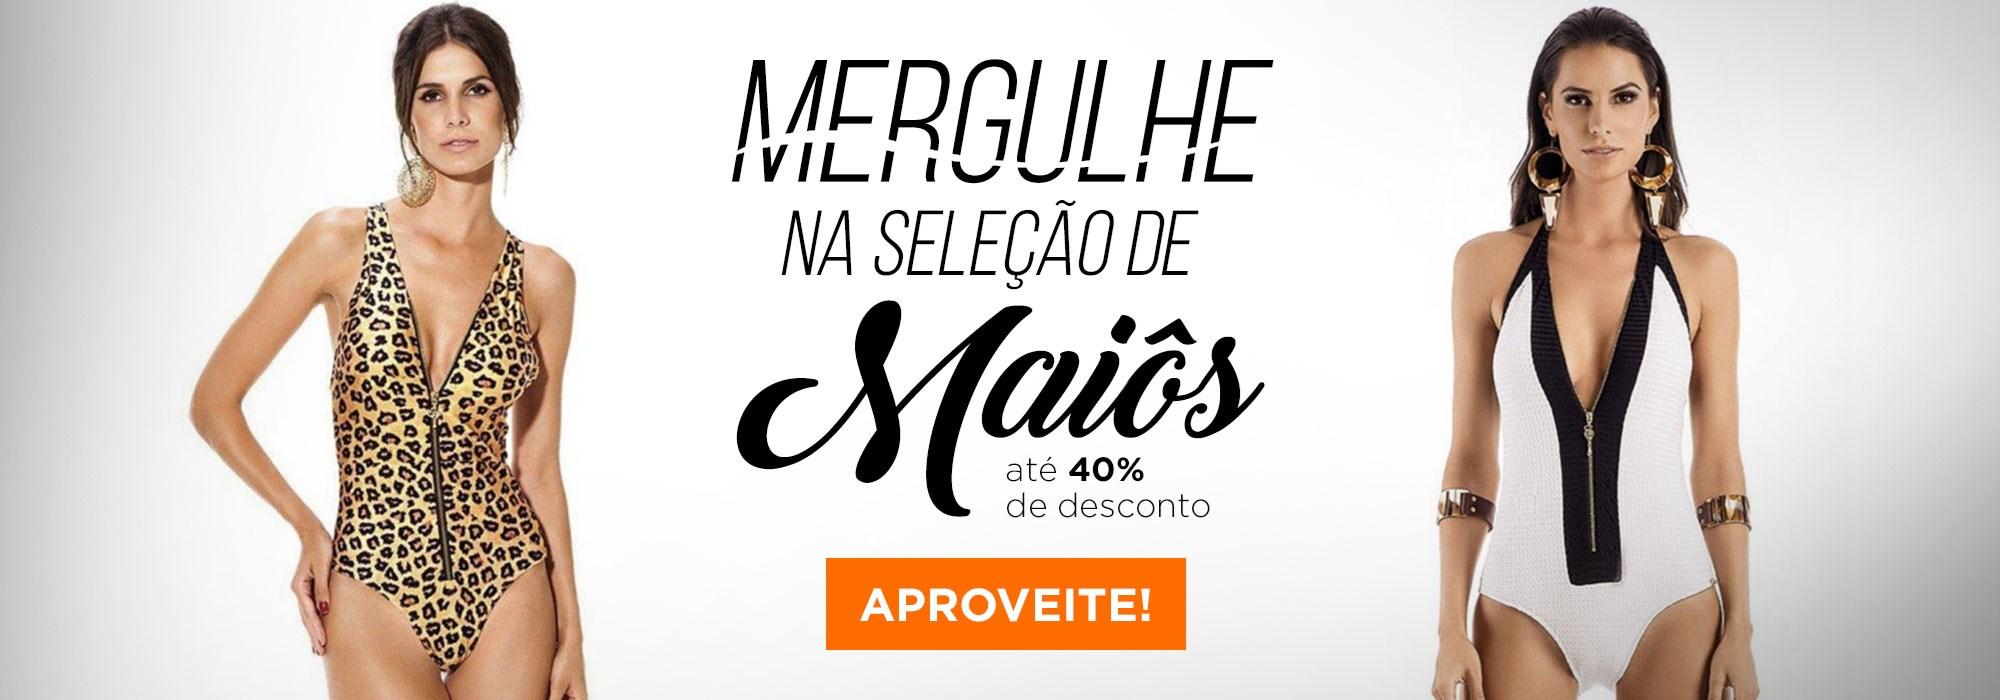 MAIÔS ATÉ 40% OFF